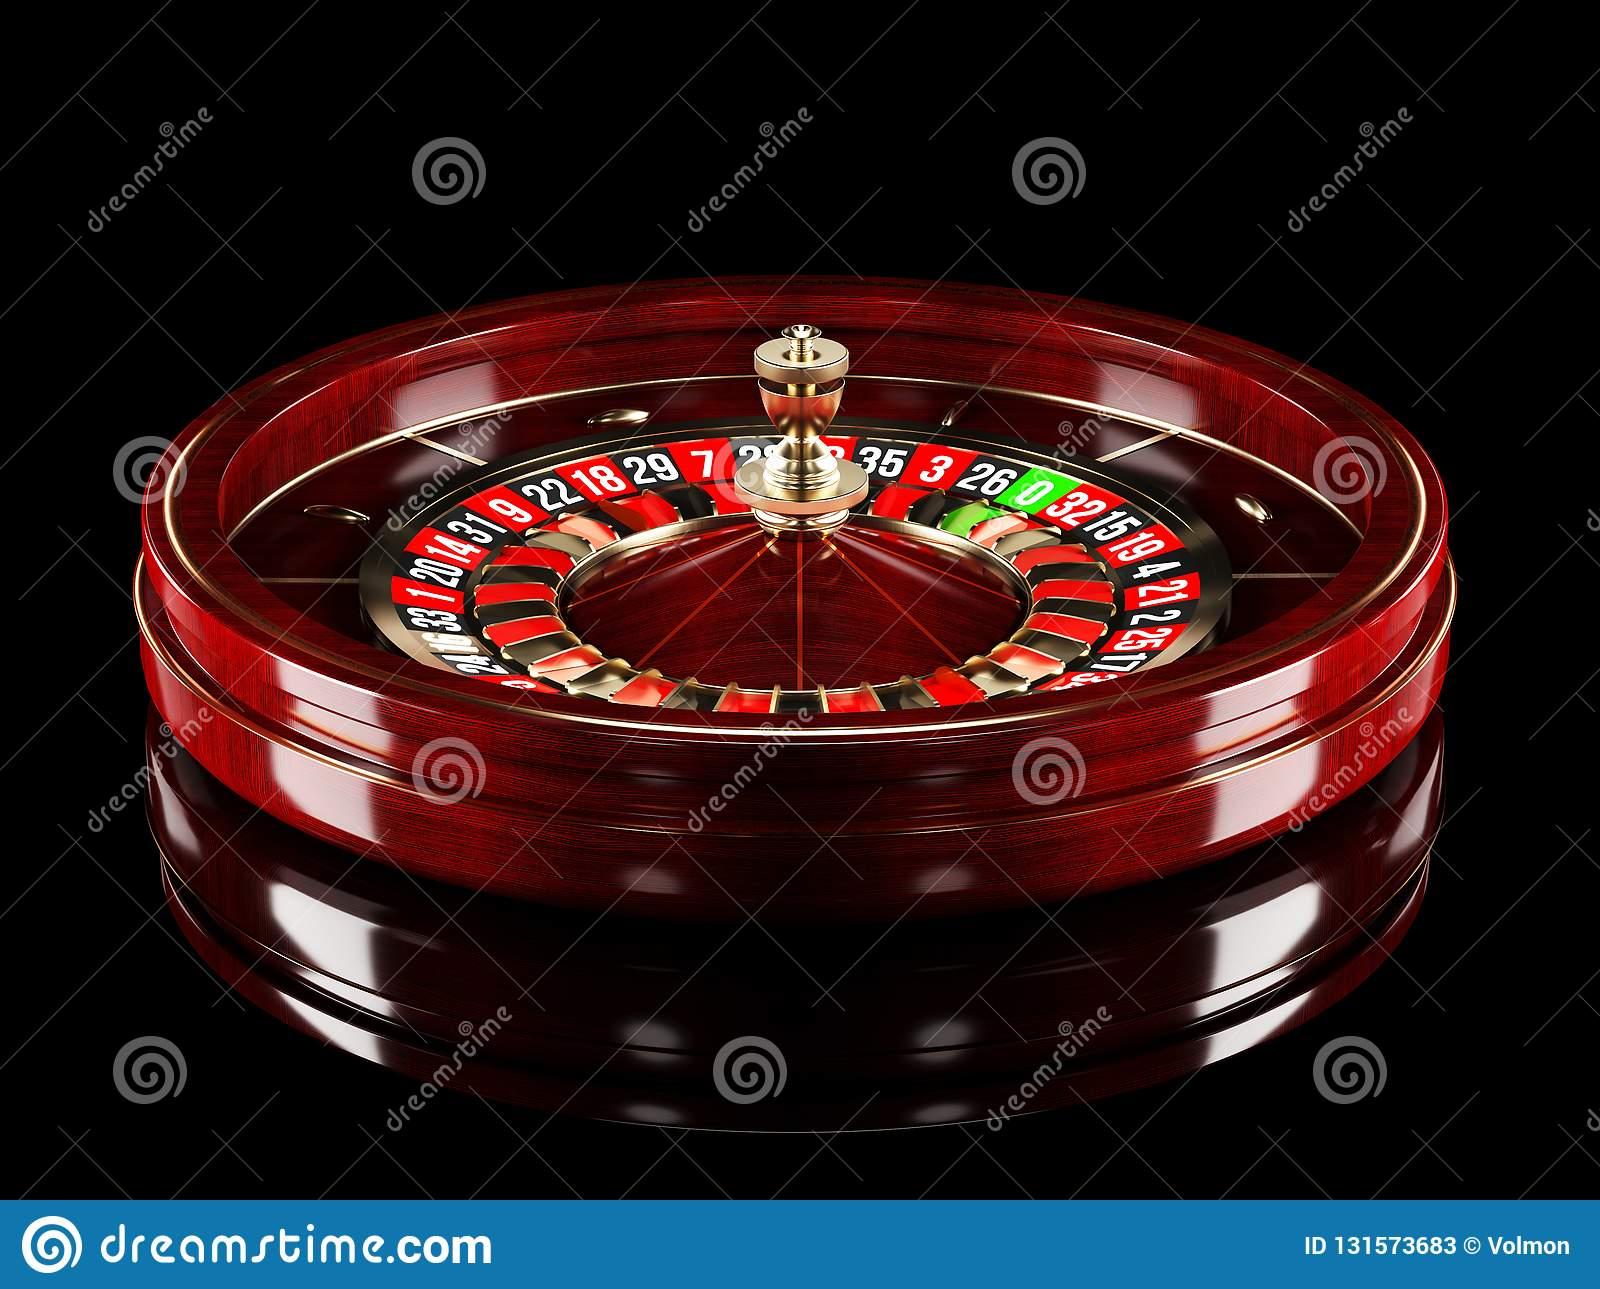 Система заработка в интернет казино от профессора маккинли